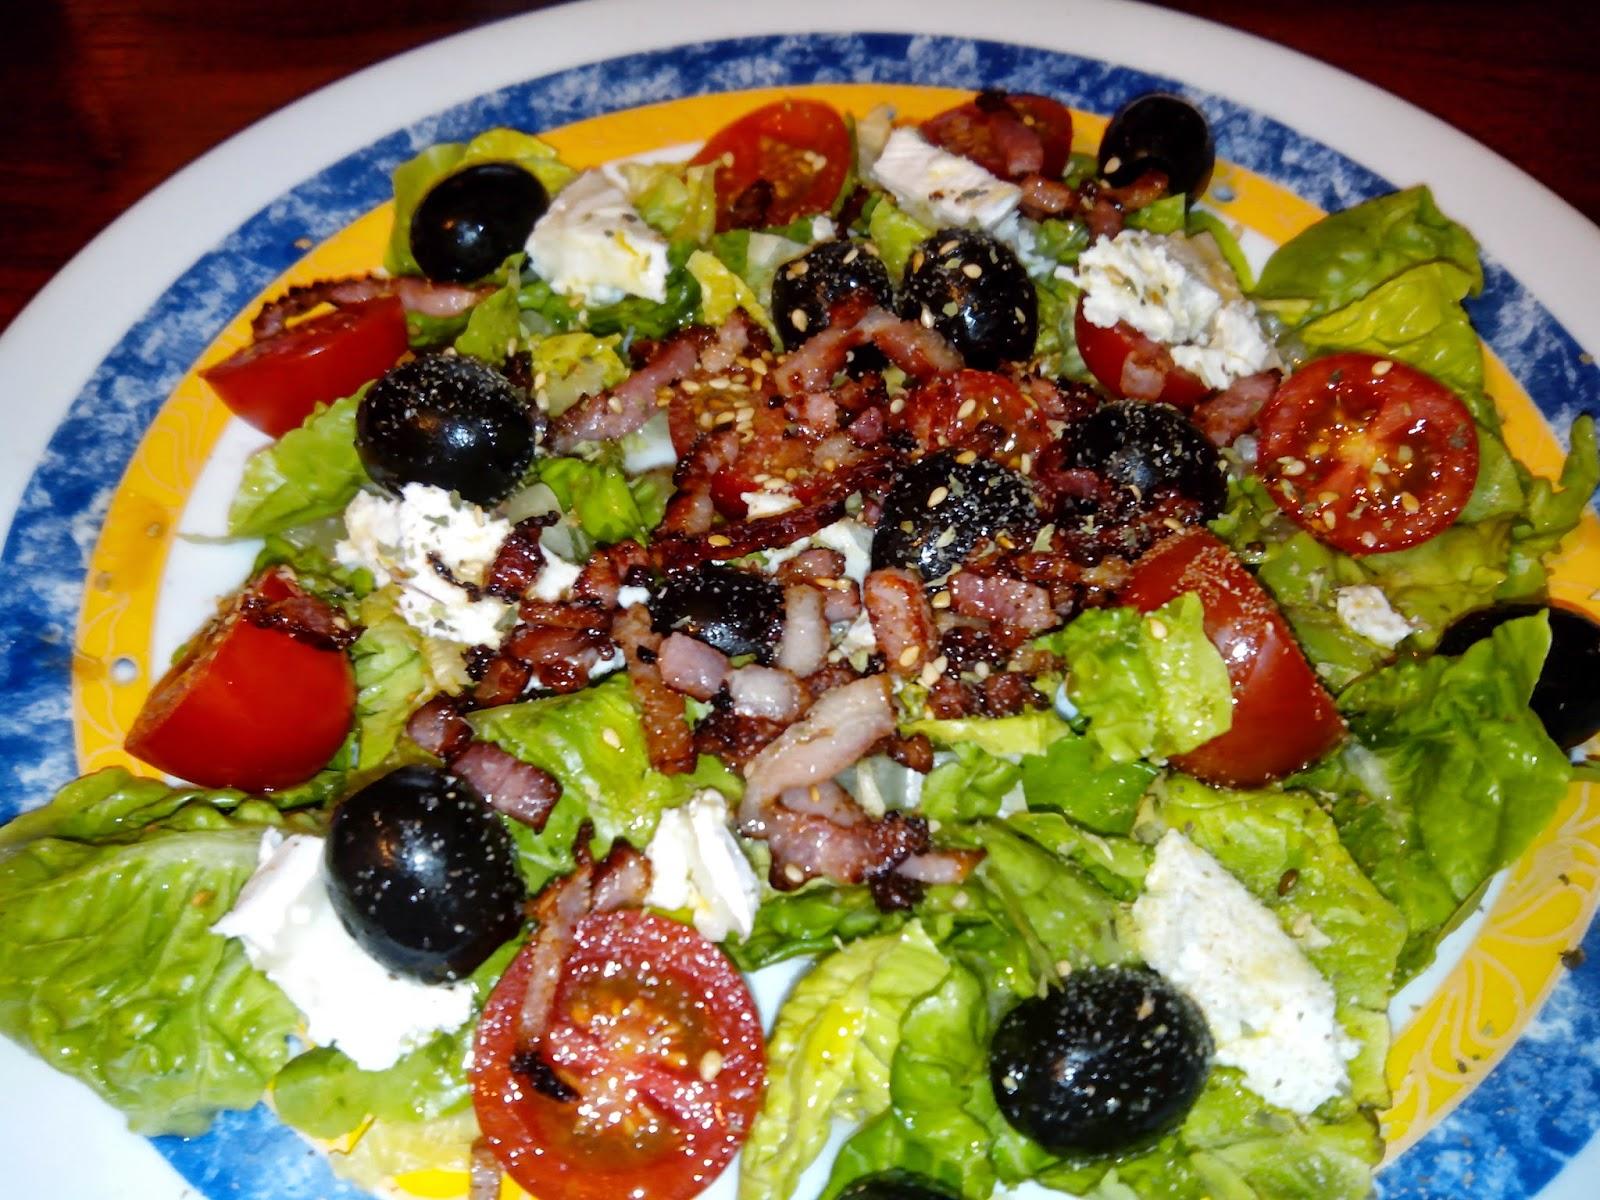 Imagen de la ensalada de lechuga, tomate, bacon, aceitunas y queso de cabra